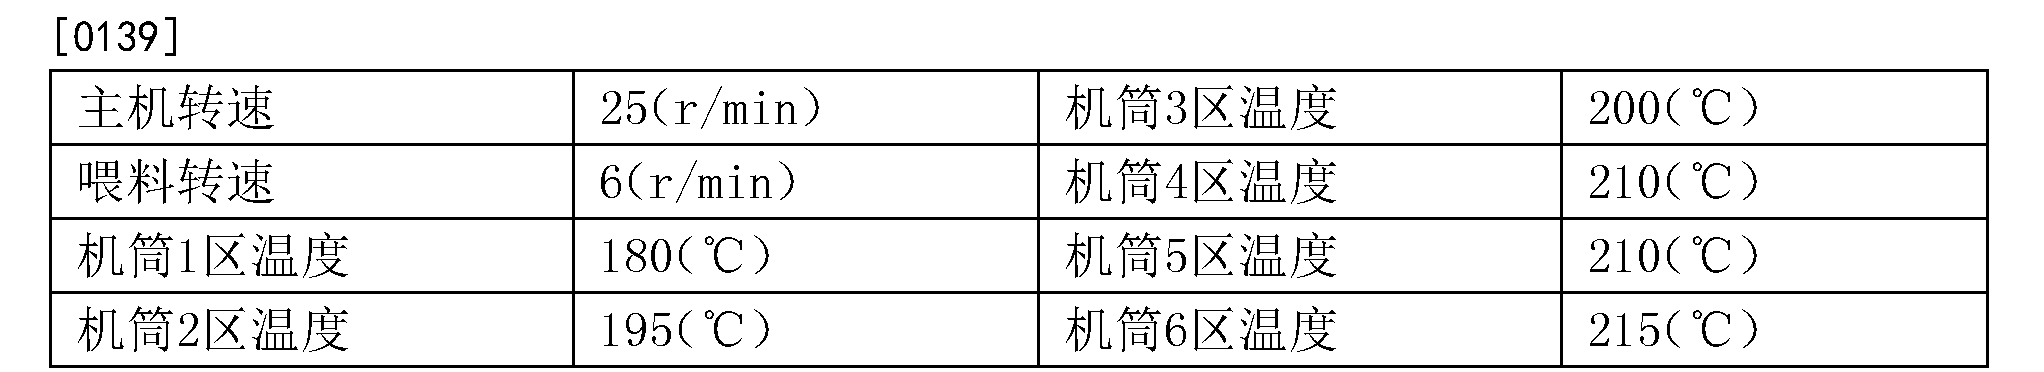 Figure CN104723635BD00142